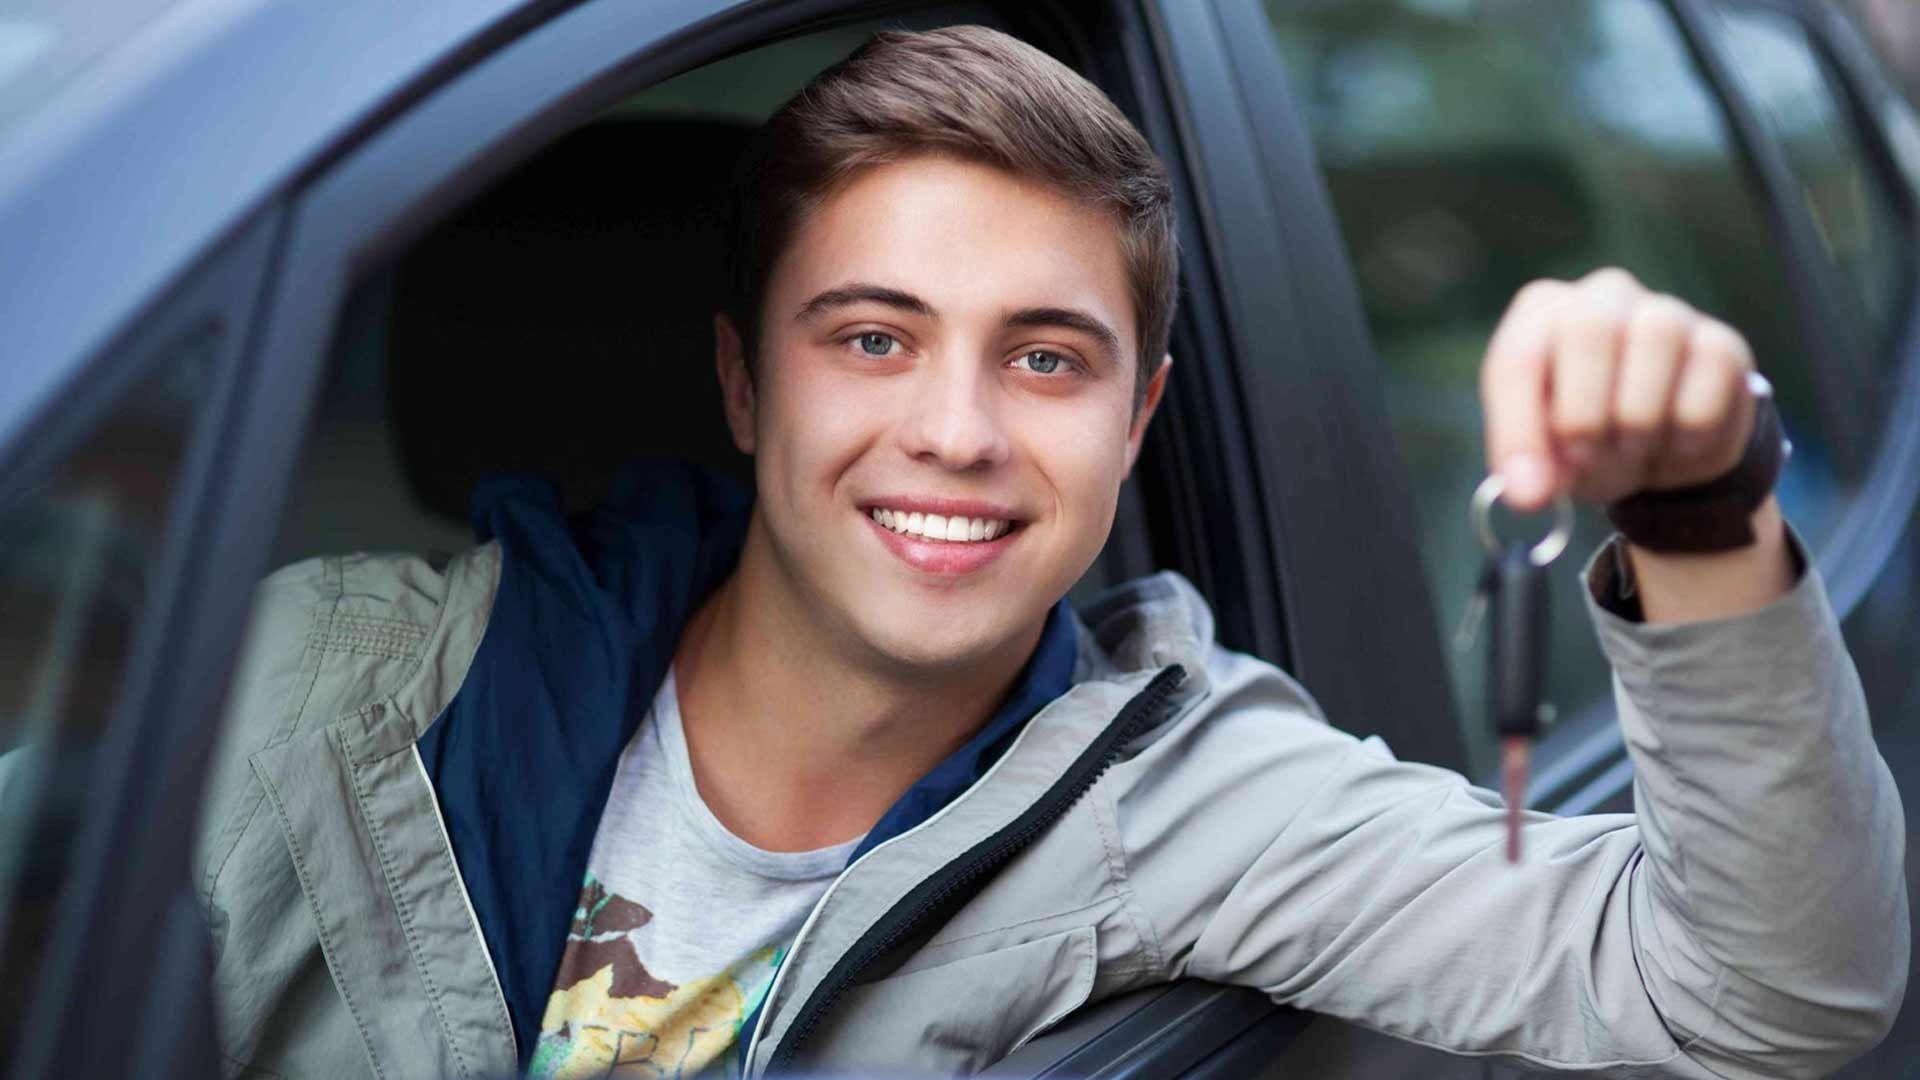 prawo jazdy oksk tyła częstochowa